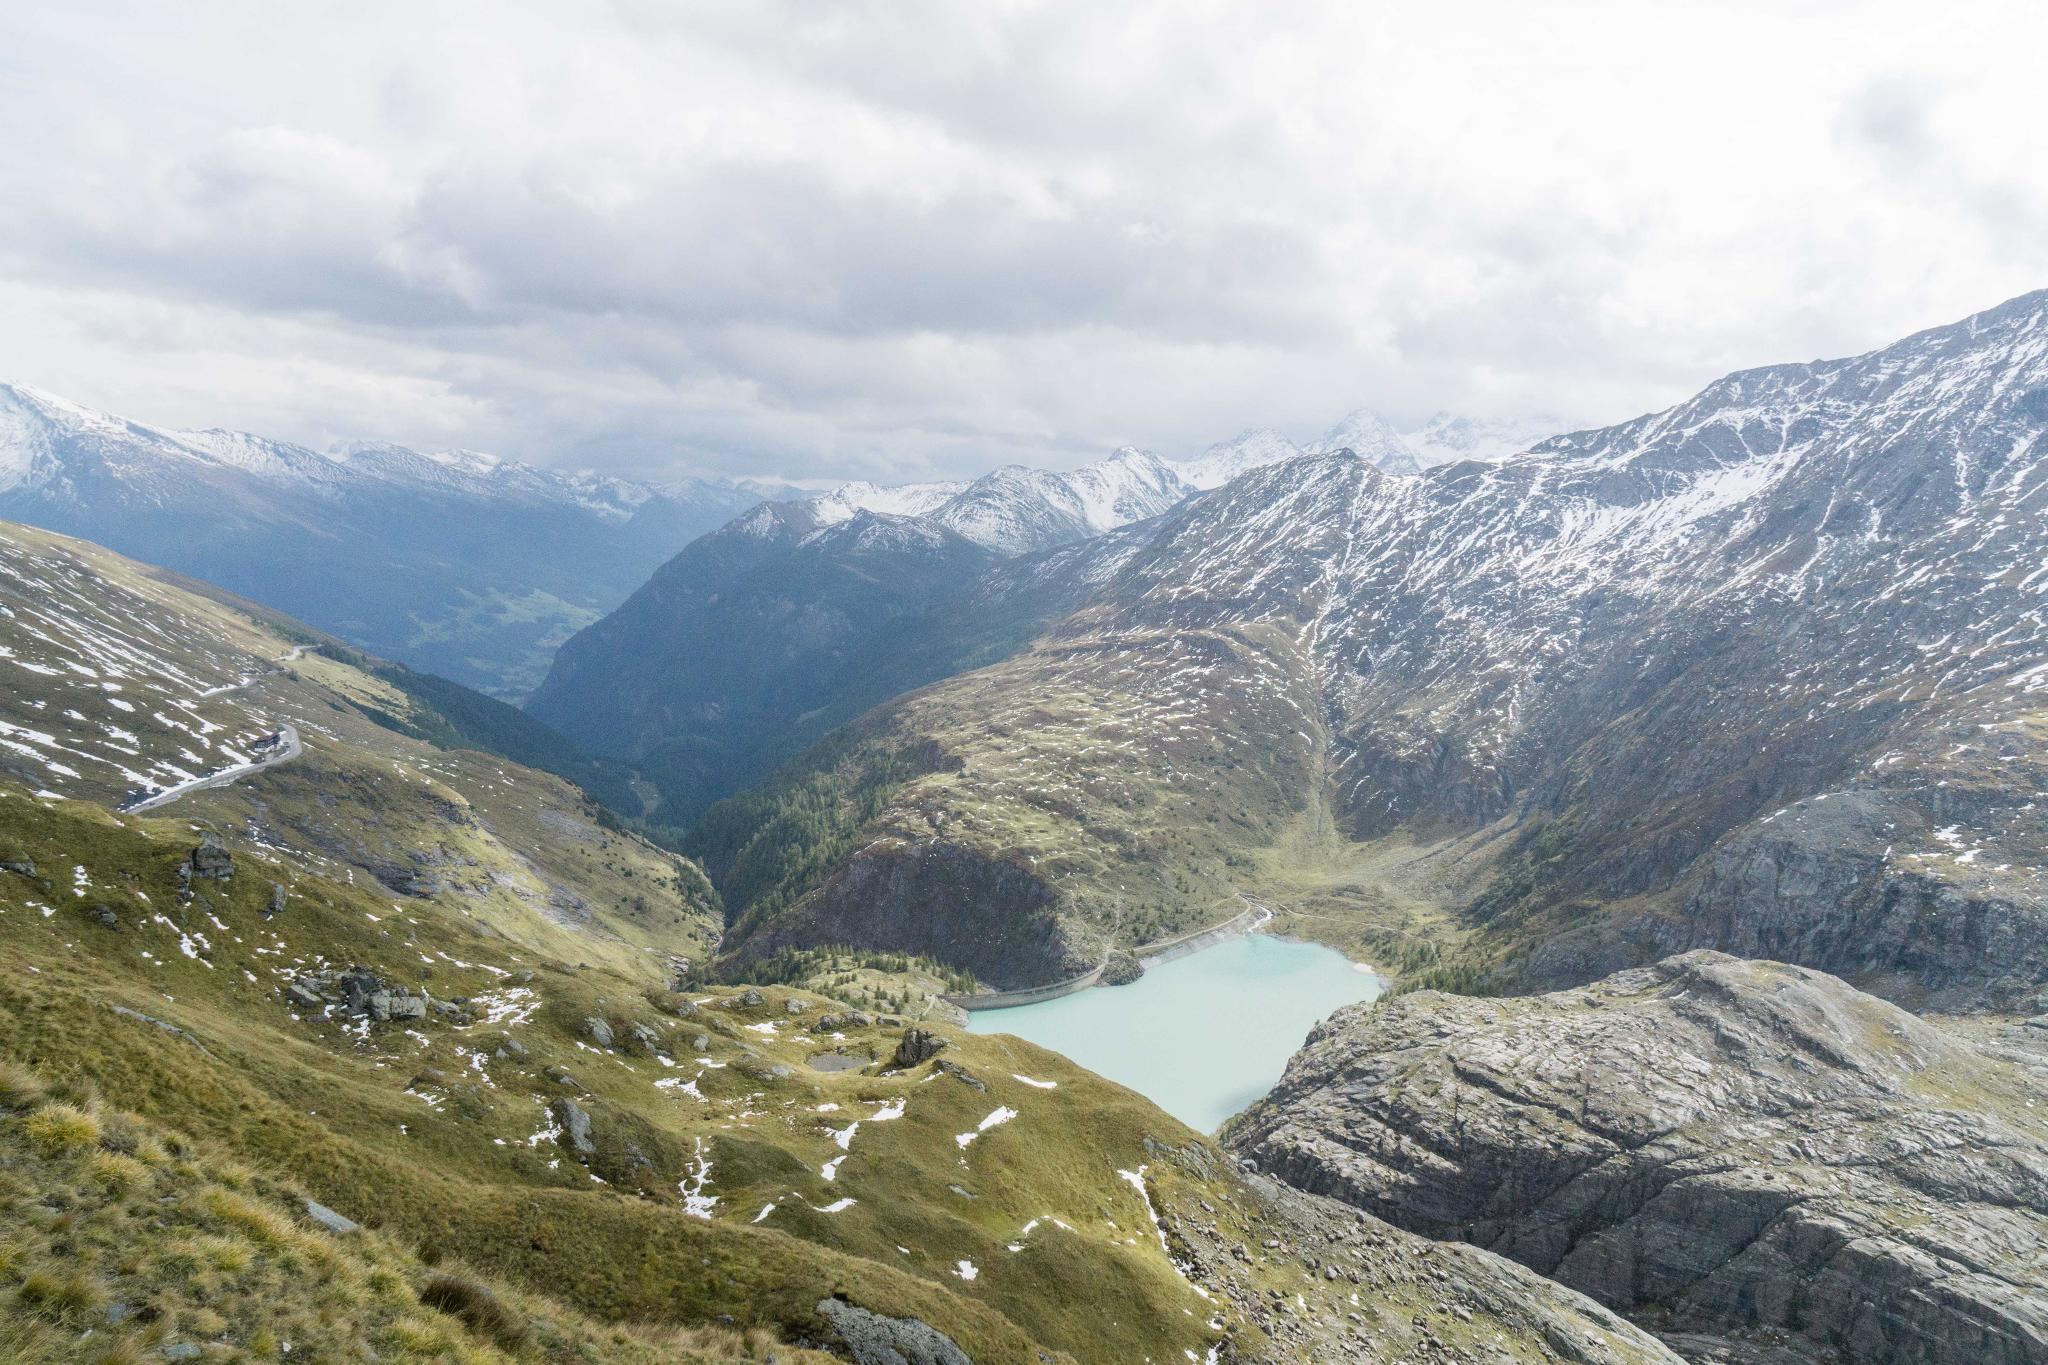 【奧地利】穿越阿爾卑斯之巔 — 奧地利大鐘山冰河公路 (Grossglockner High Alpine Road) 34